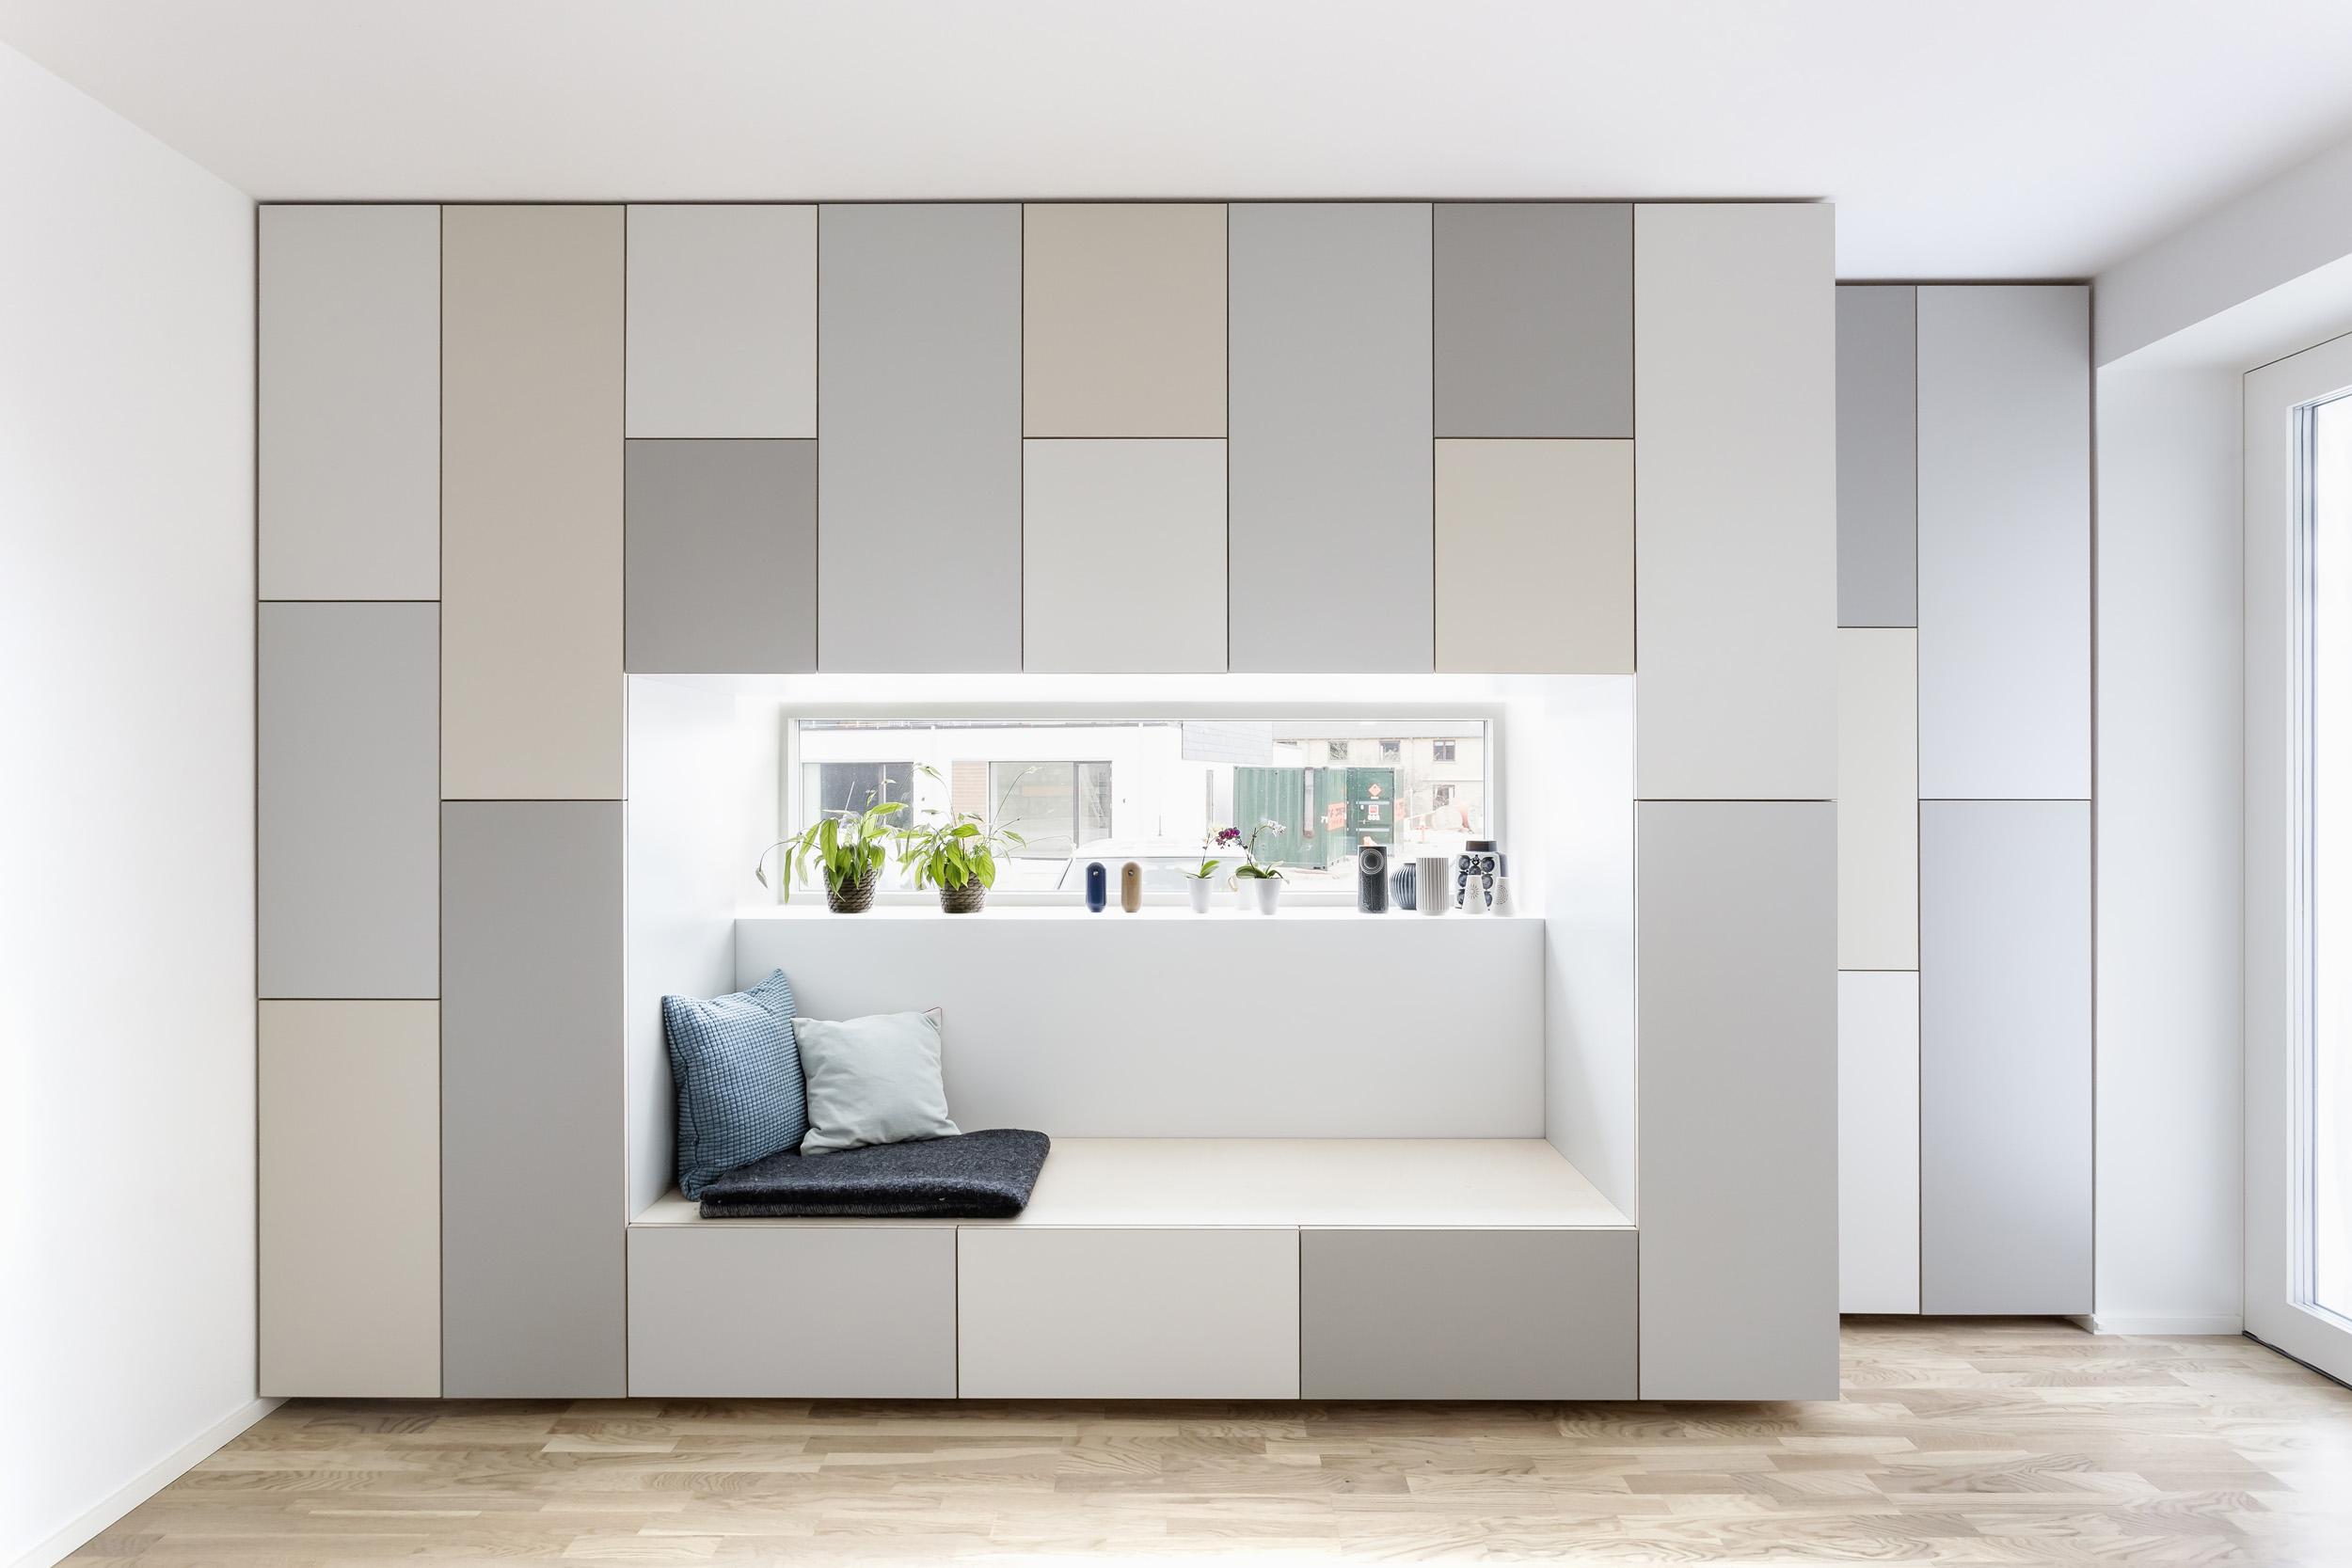 0314-m1h1-storage-wardrobe-daybed-window-family-grey-minimal-stay-project-2500x.jpg